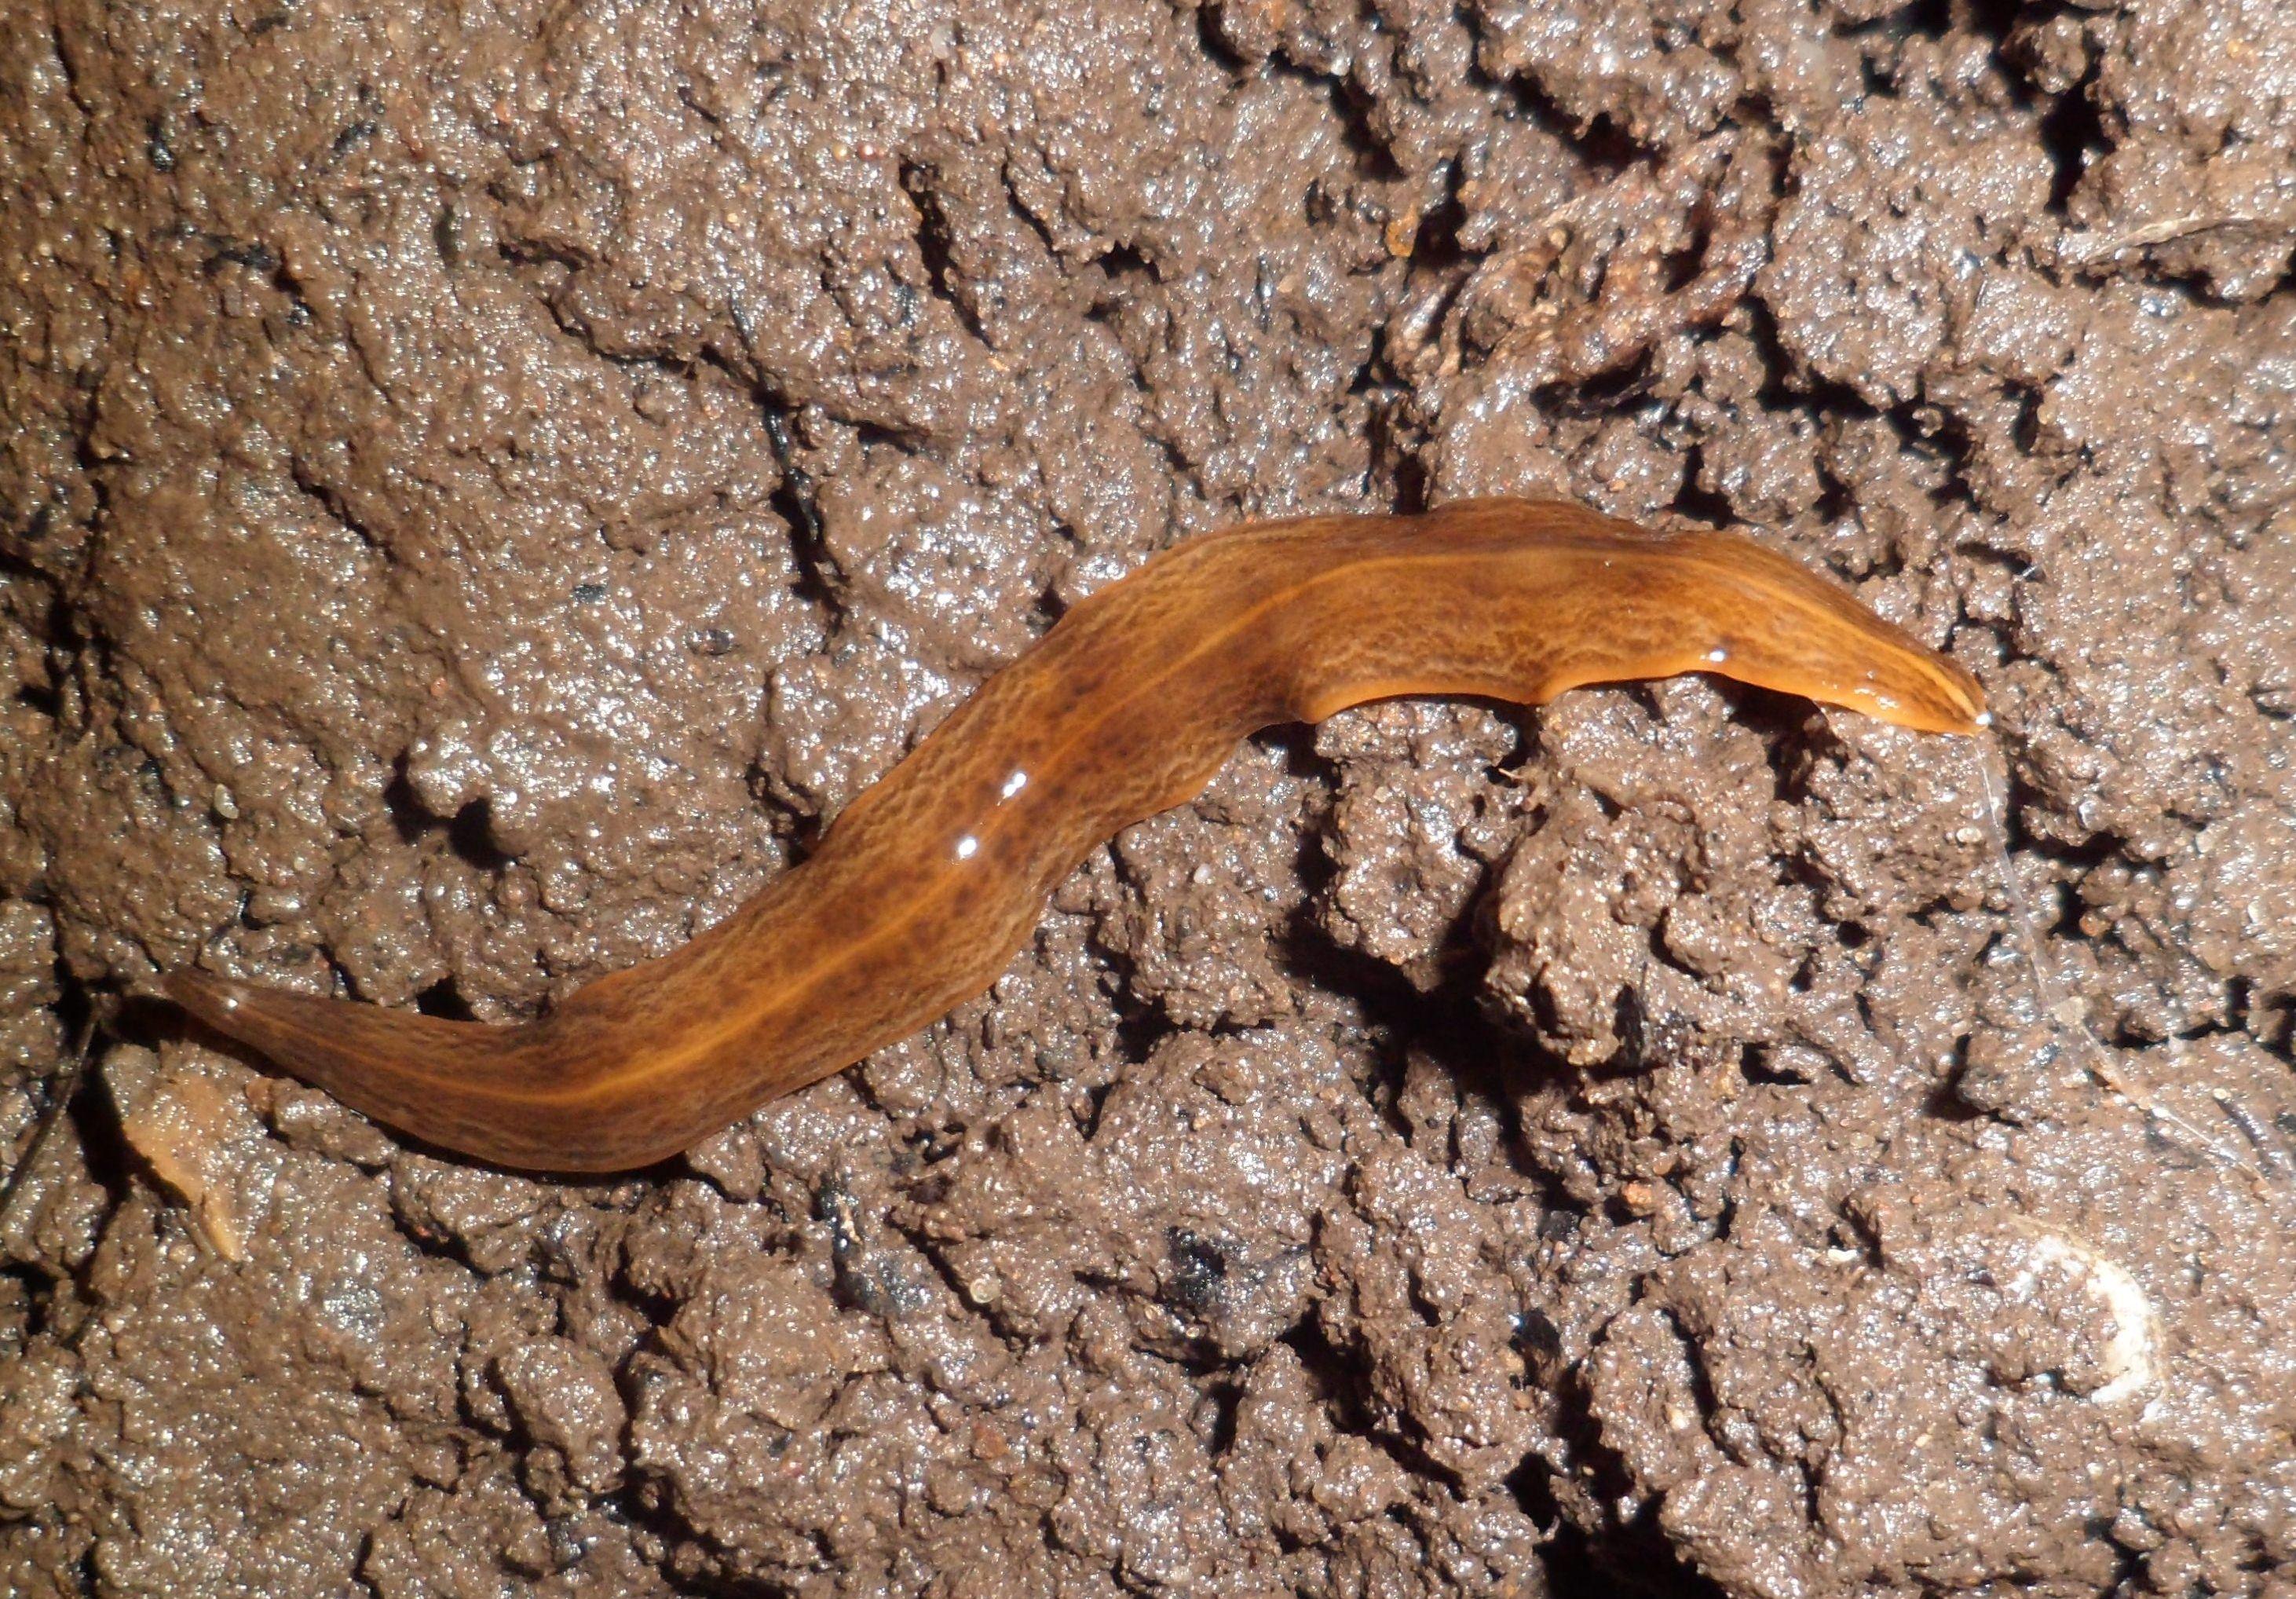 Tot despre speciile de viermi, Planul general al corpului pentru platyhelminthes